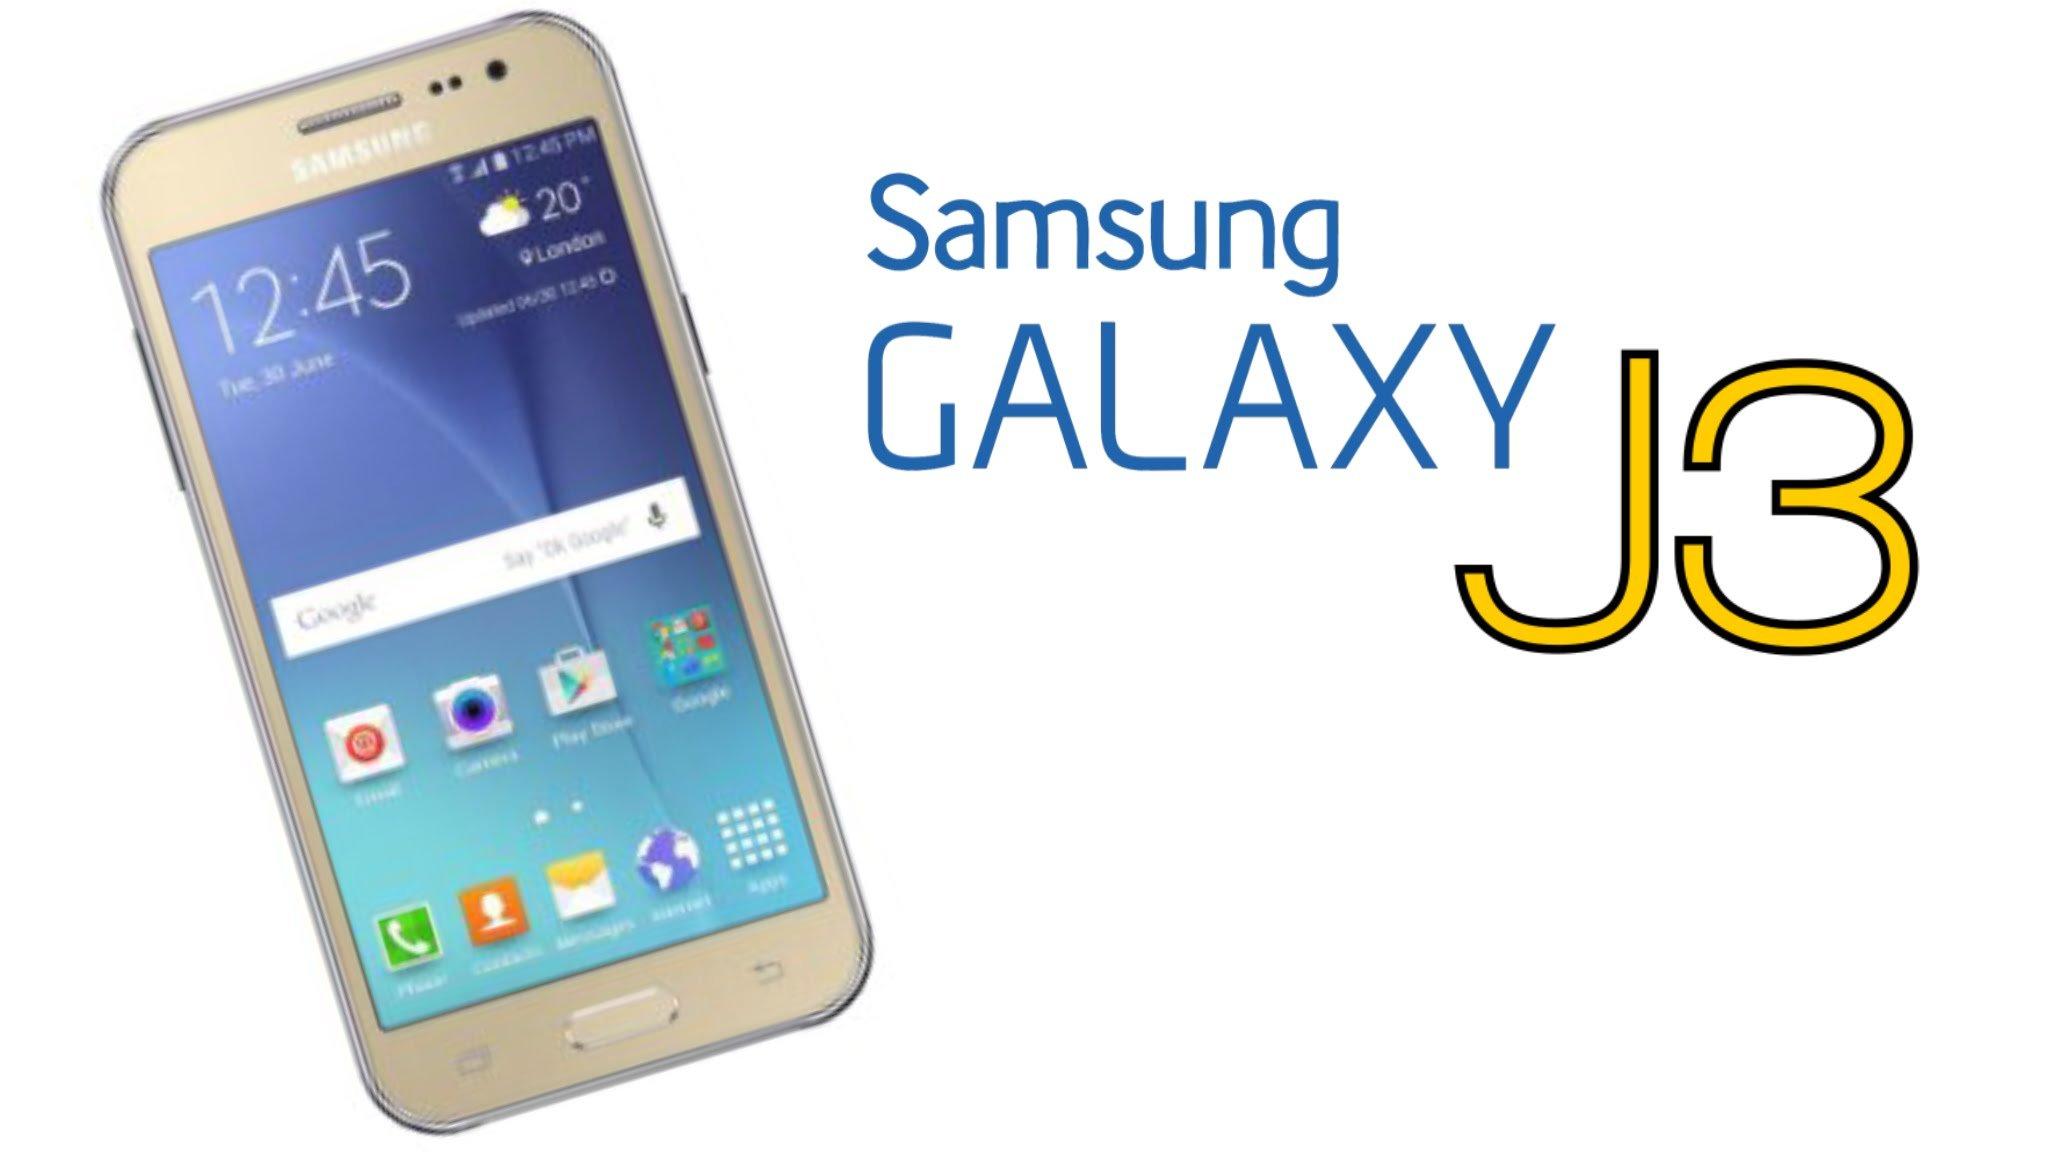 В Китае был официально представлен Samsung Galaxy J3